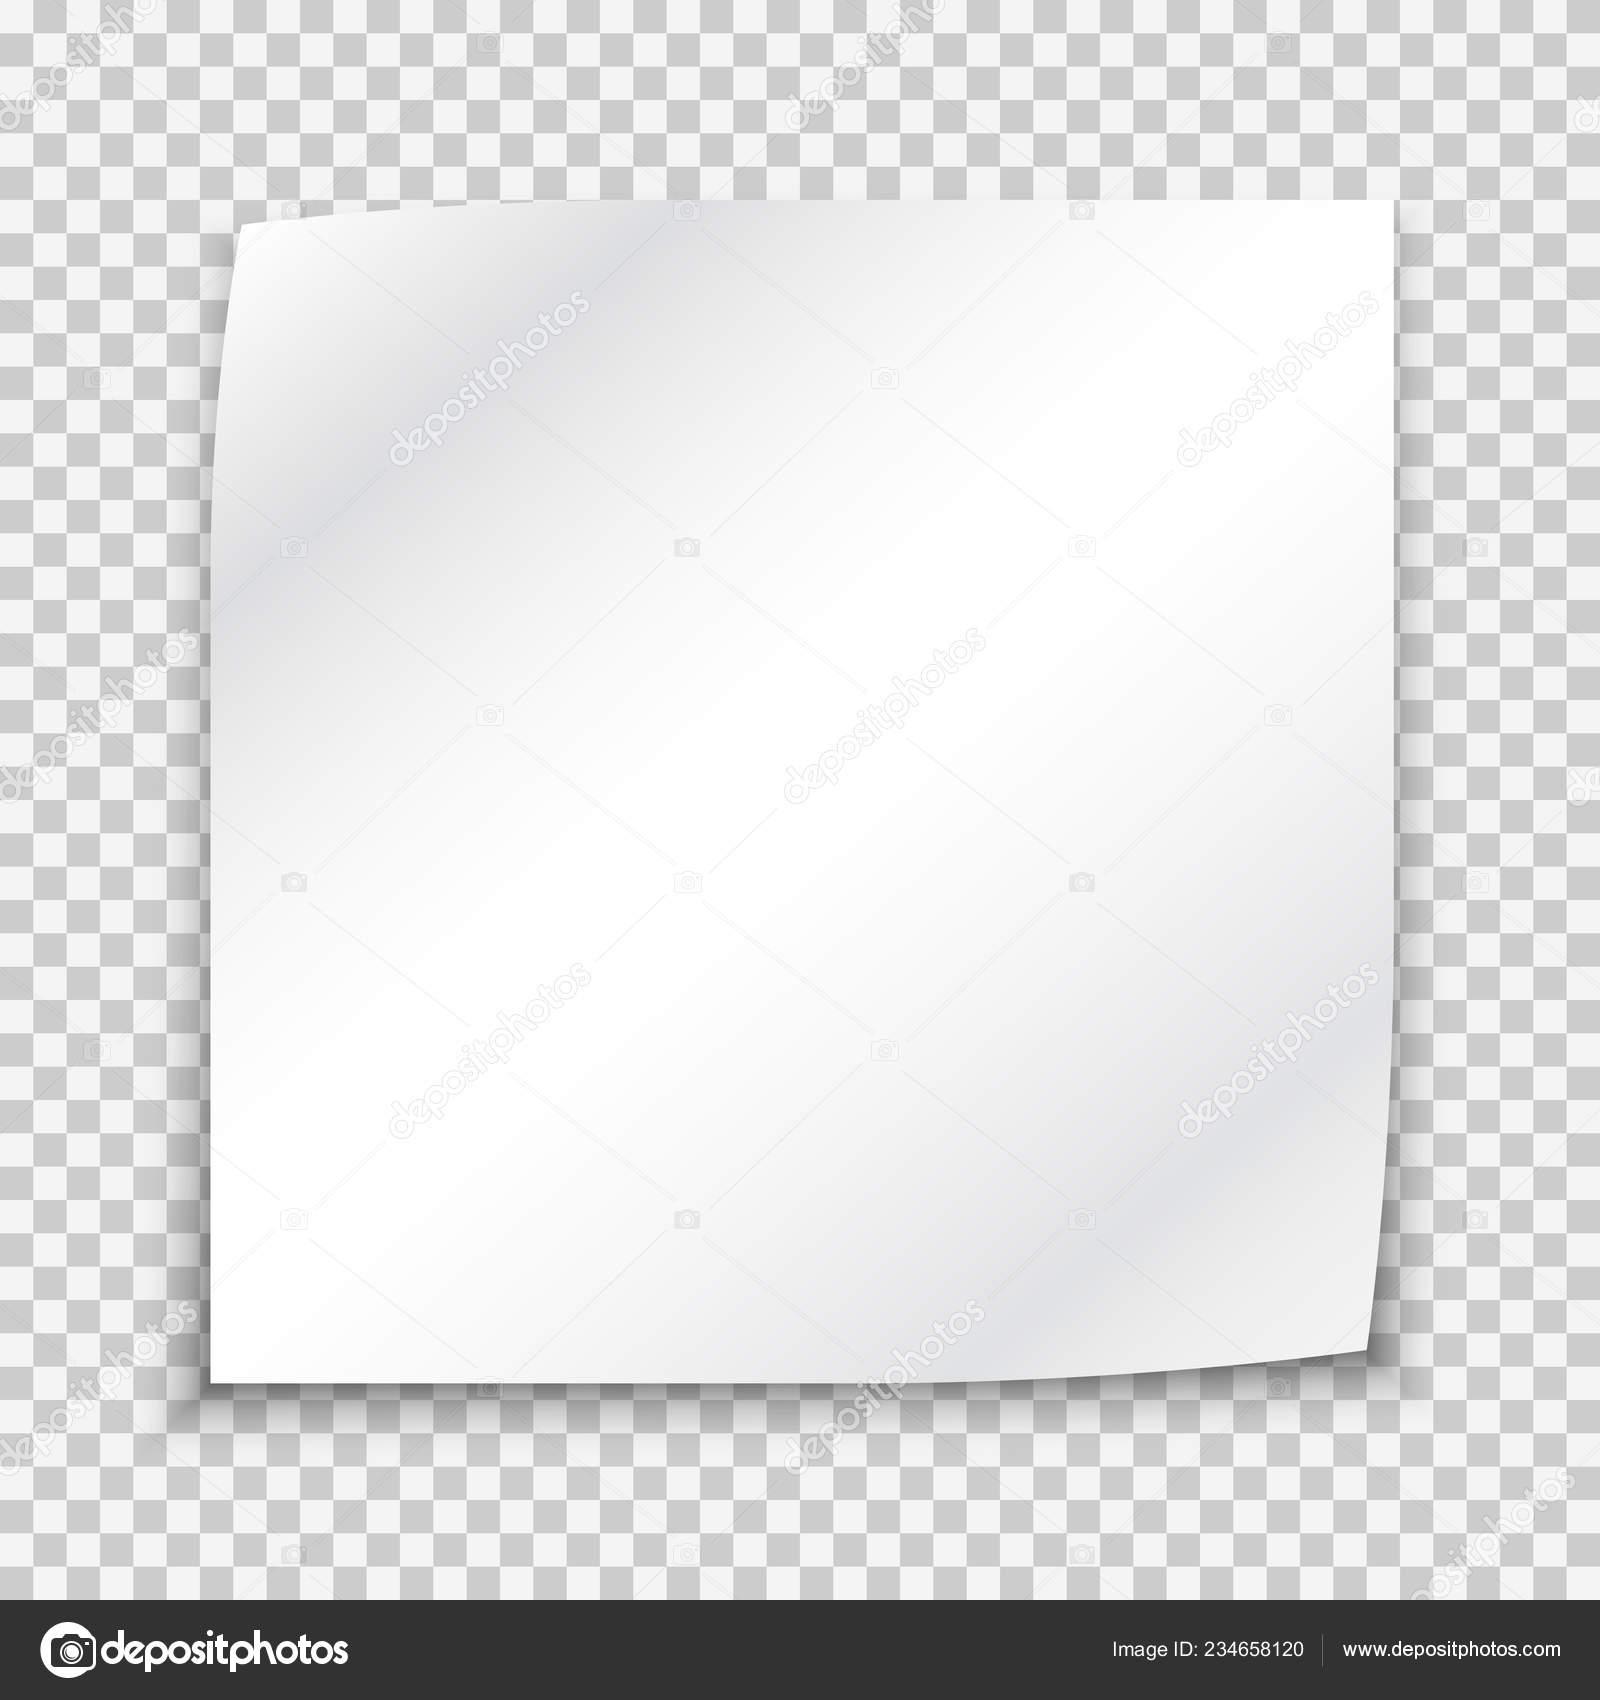 Door sticker mockup | Blank white sticker mockup, round 3d